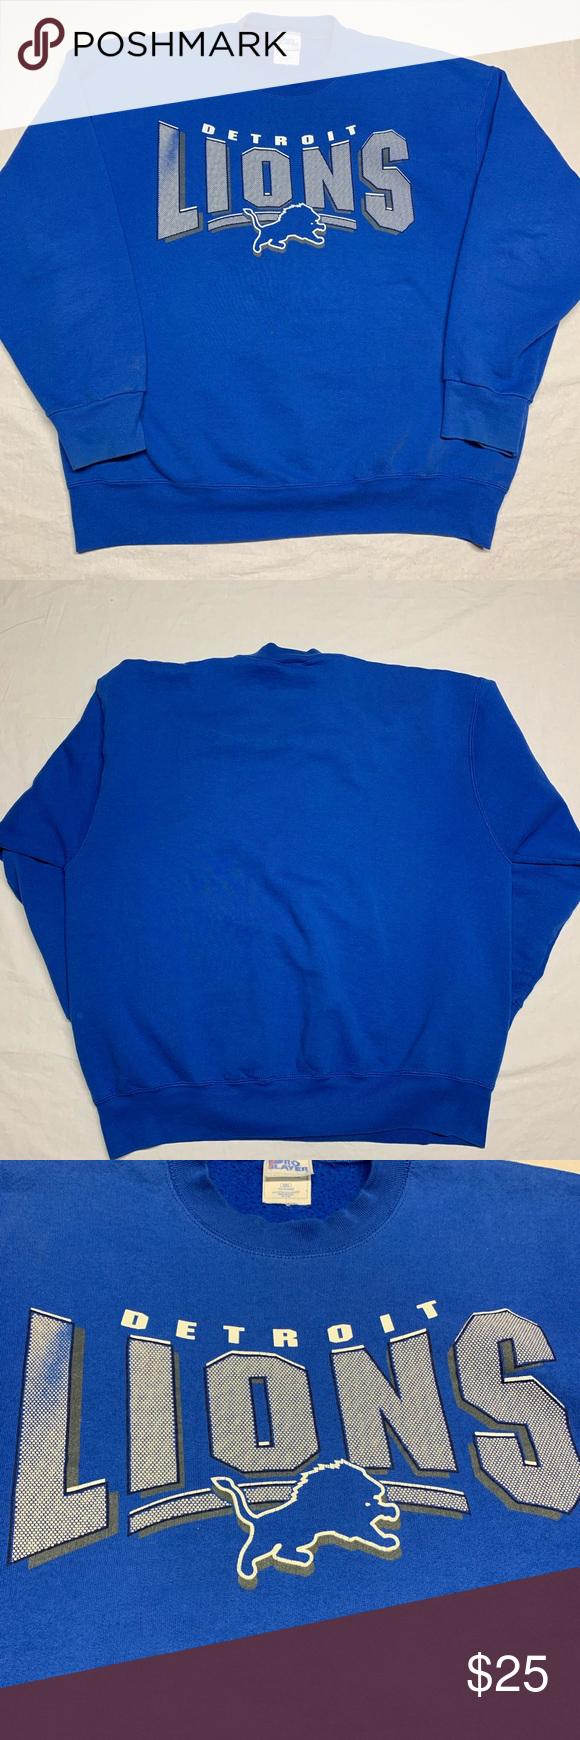 Sold Vintage 90s Detroit Lions Sweatshirt Clothes Design Detroit Lions Sweatshirt Fashion Design